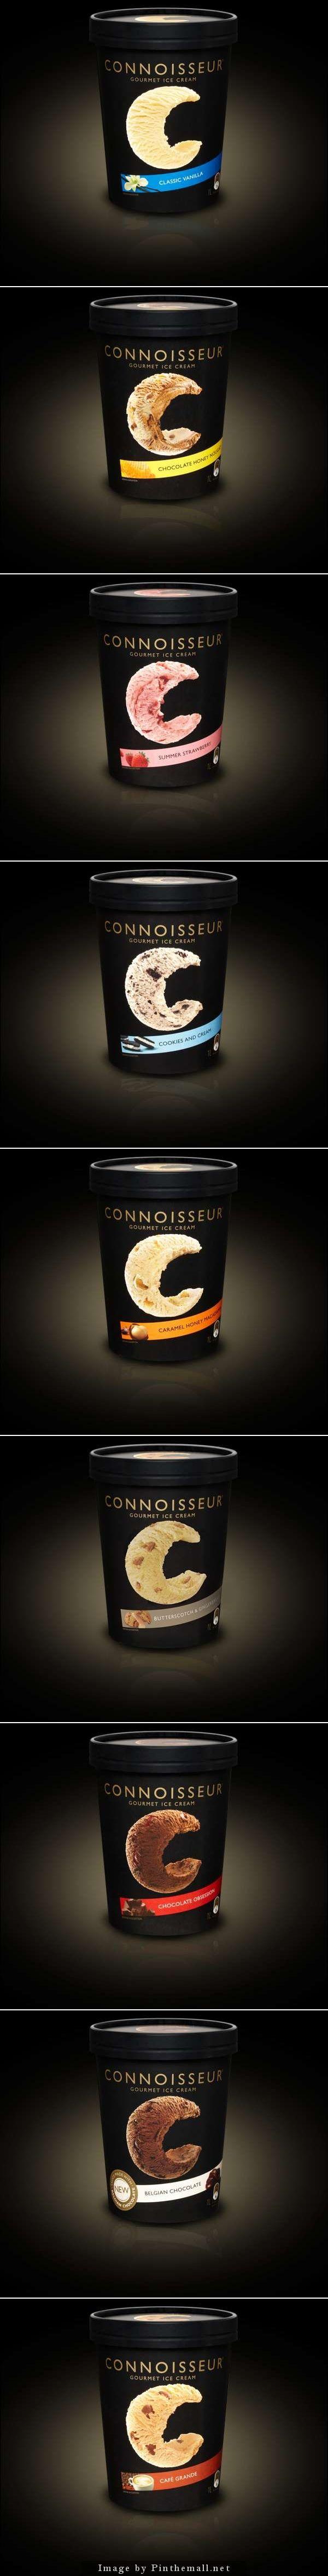 Connoisseur Ice Cream Classic Black Label Range